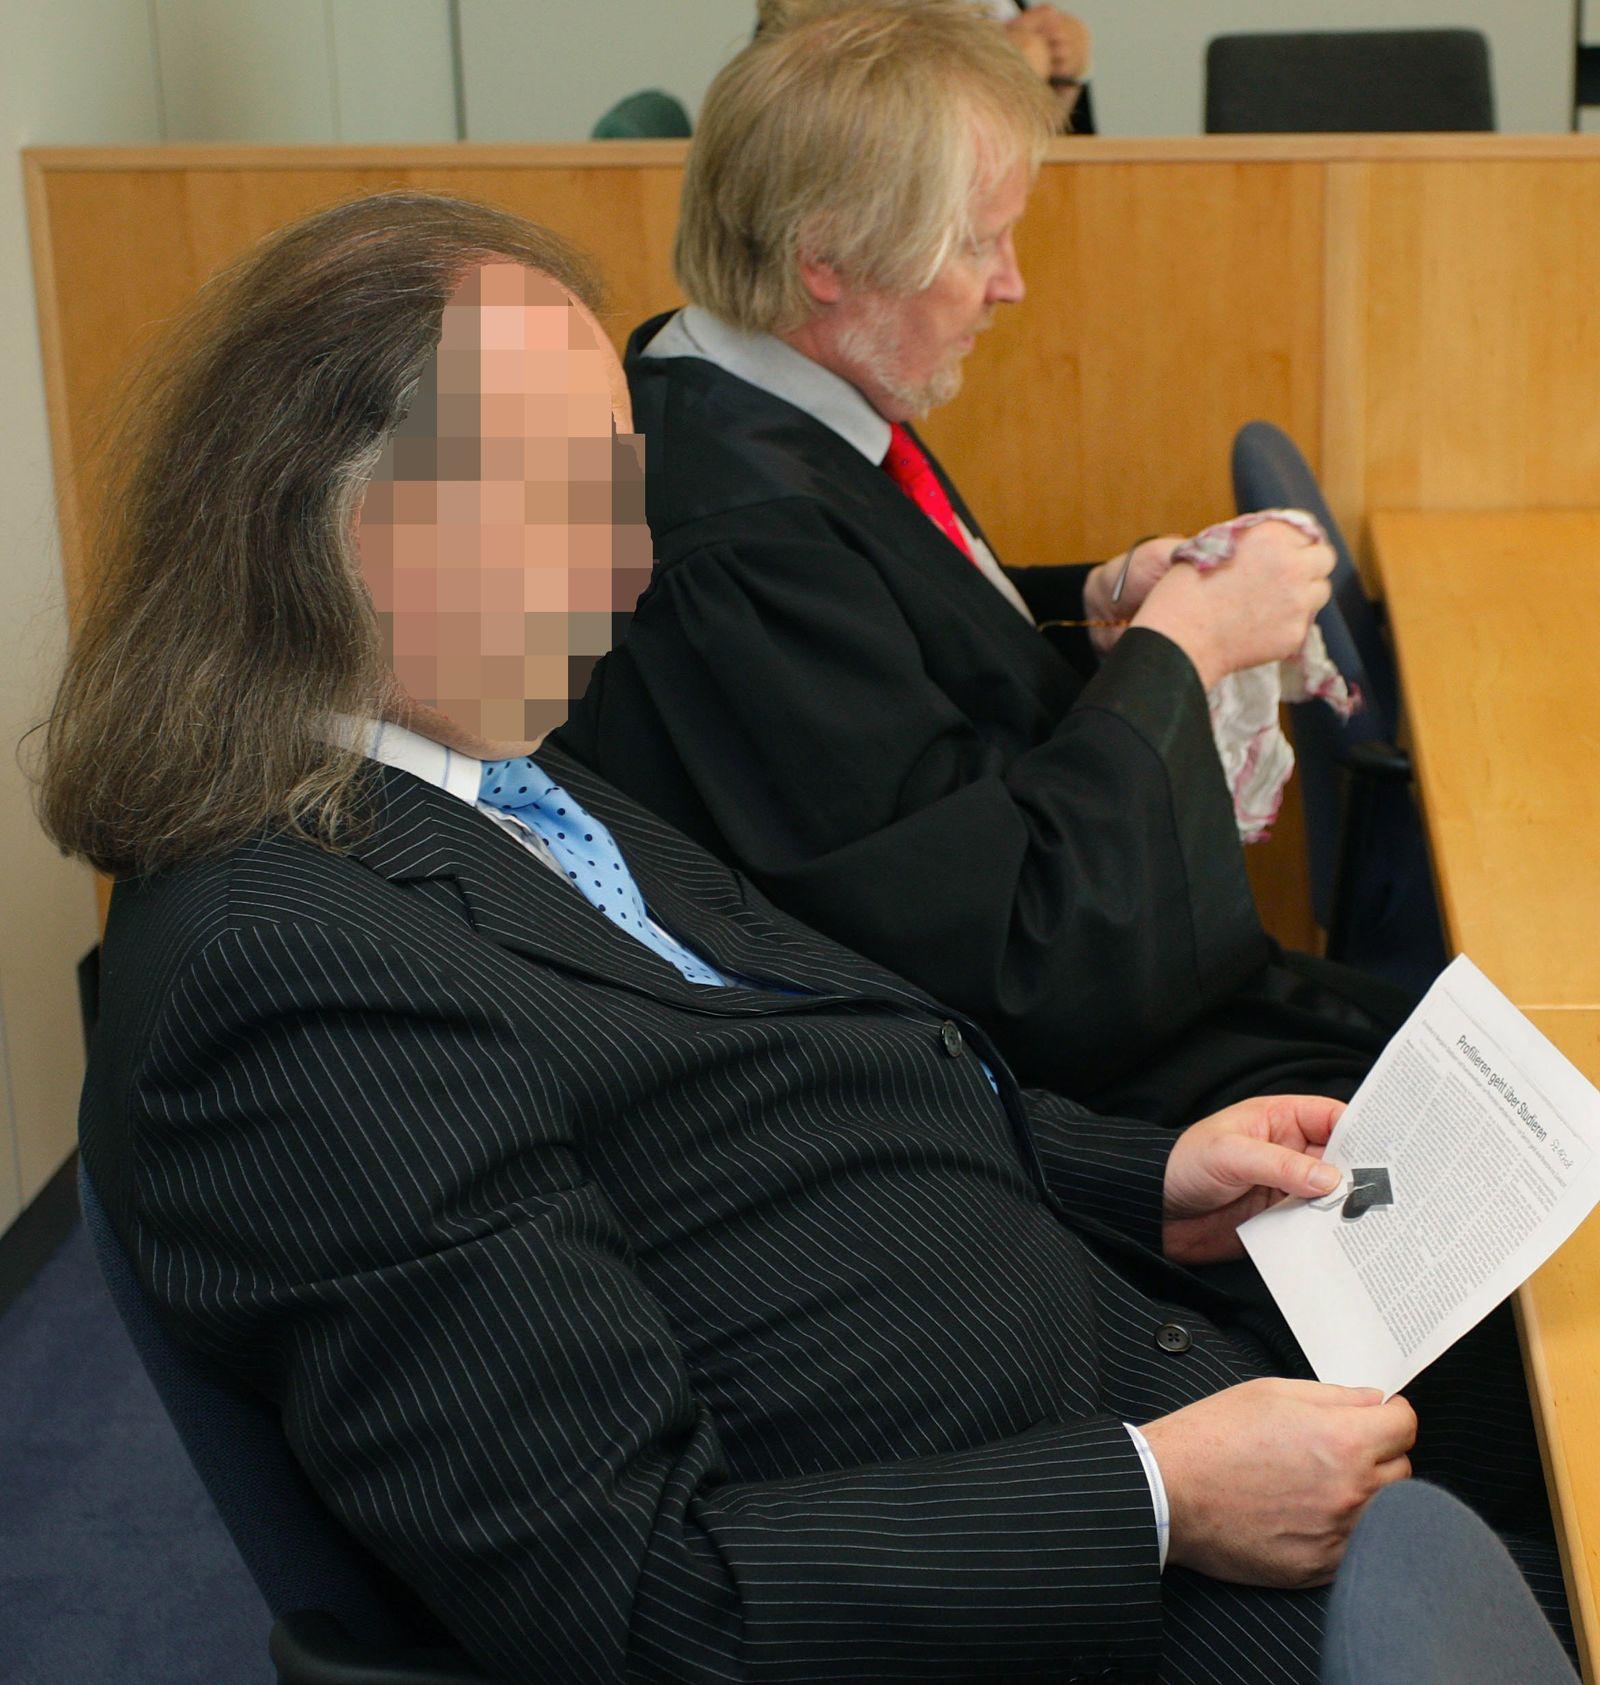 Doktortitel Beratungsfirma Bergisch Gladbach Landgericht Hildesheim